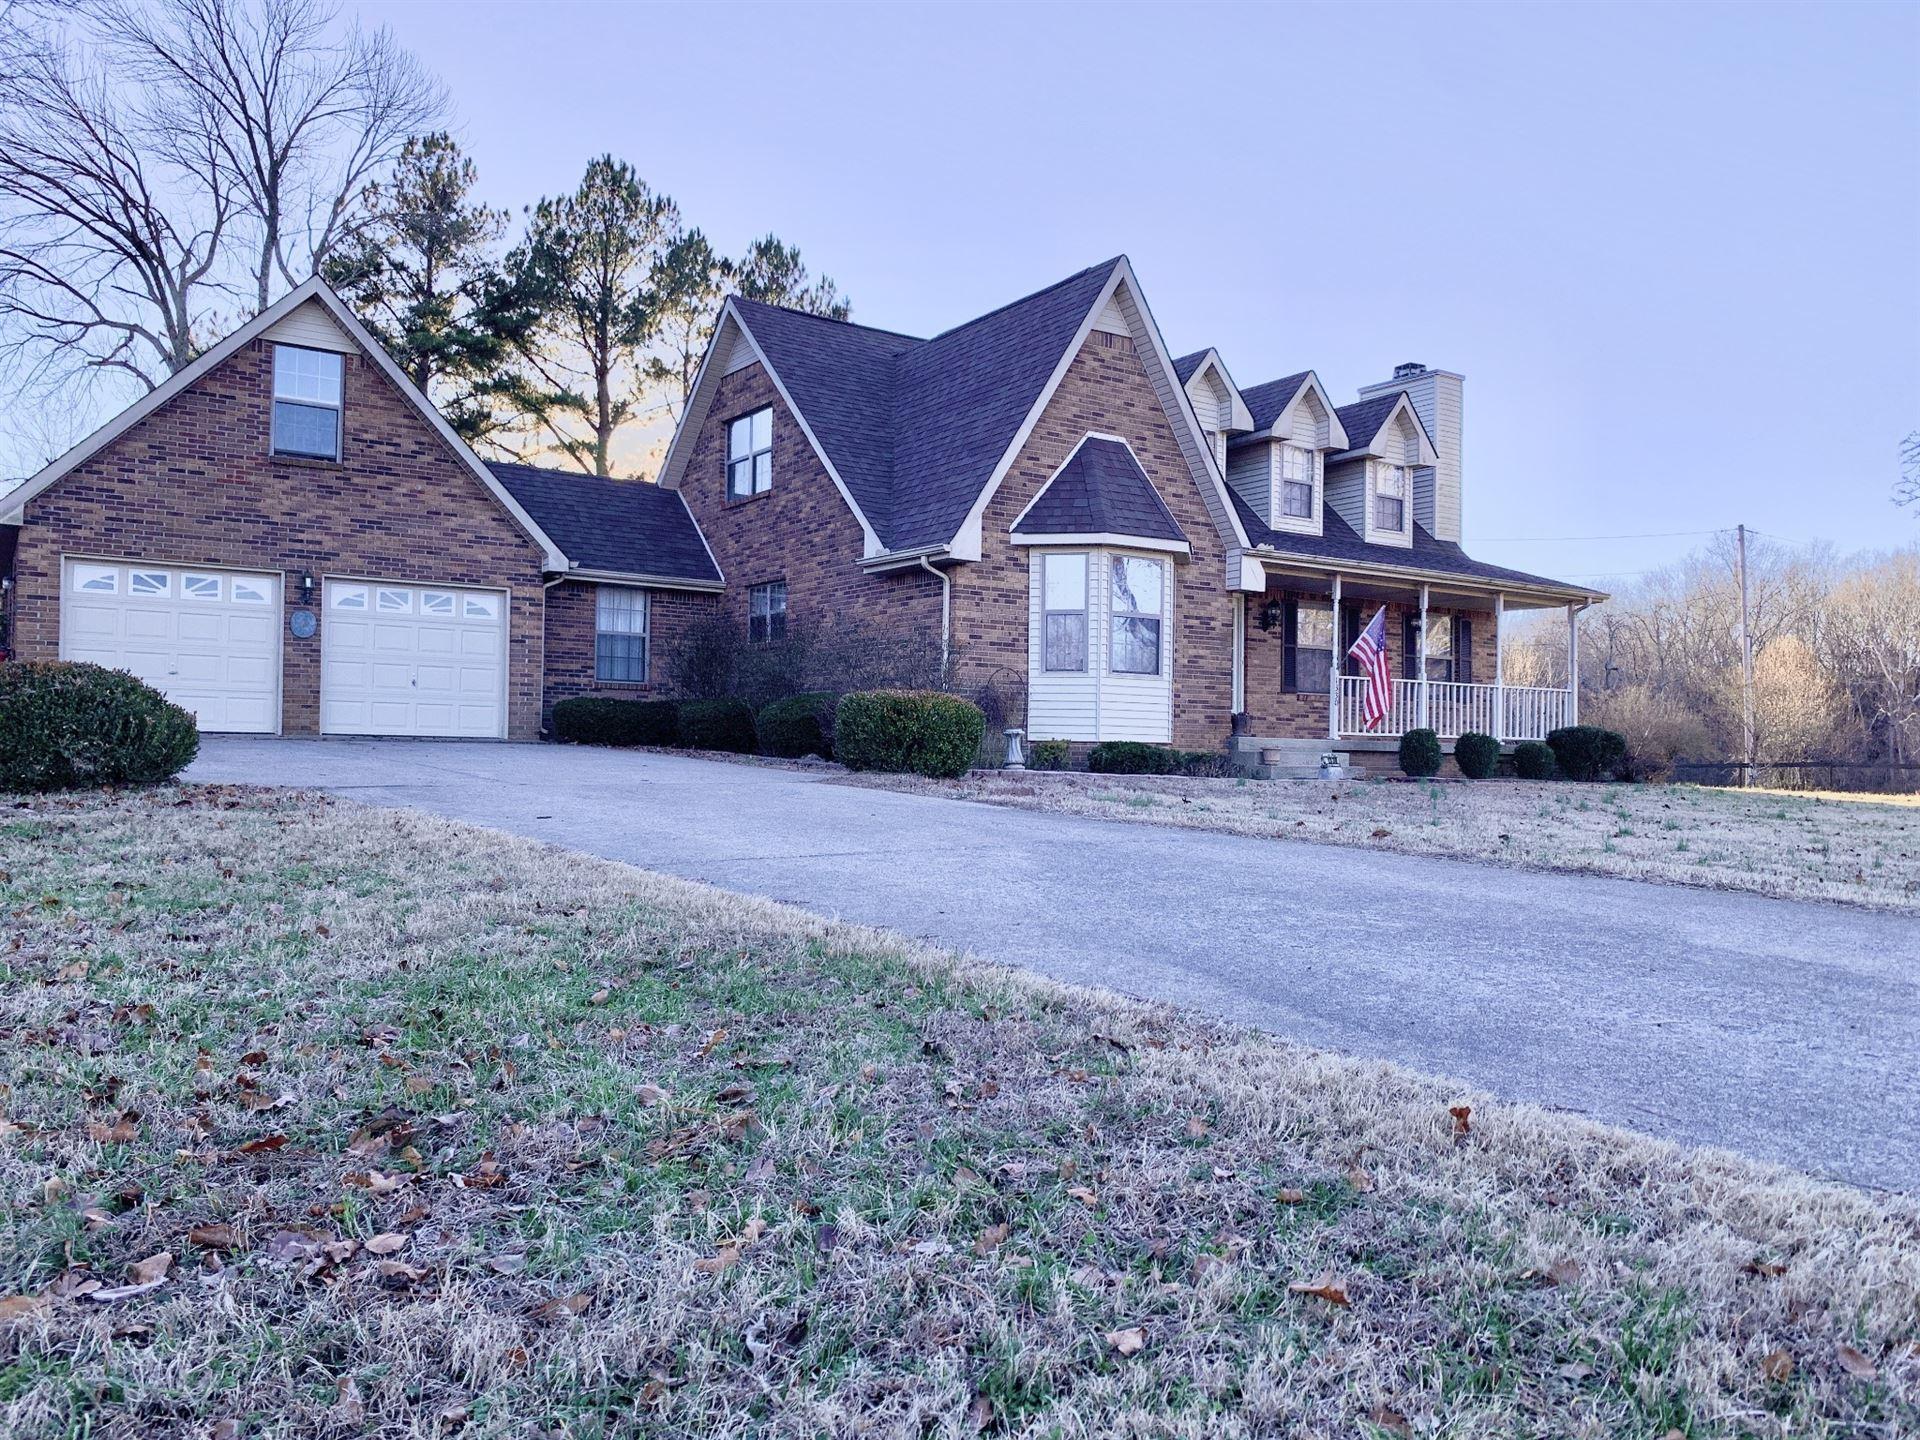 1330 Garrettsburg Rd, Clarksville, TN 37042 - MLS#: 2260604